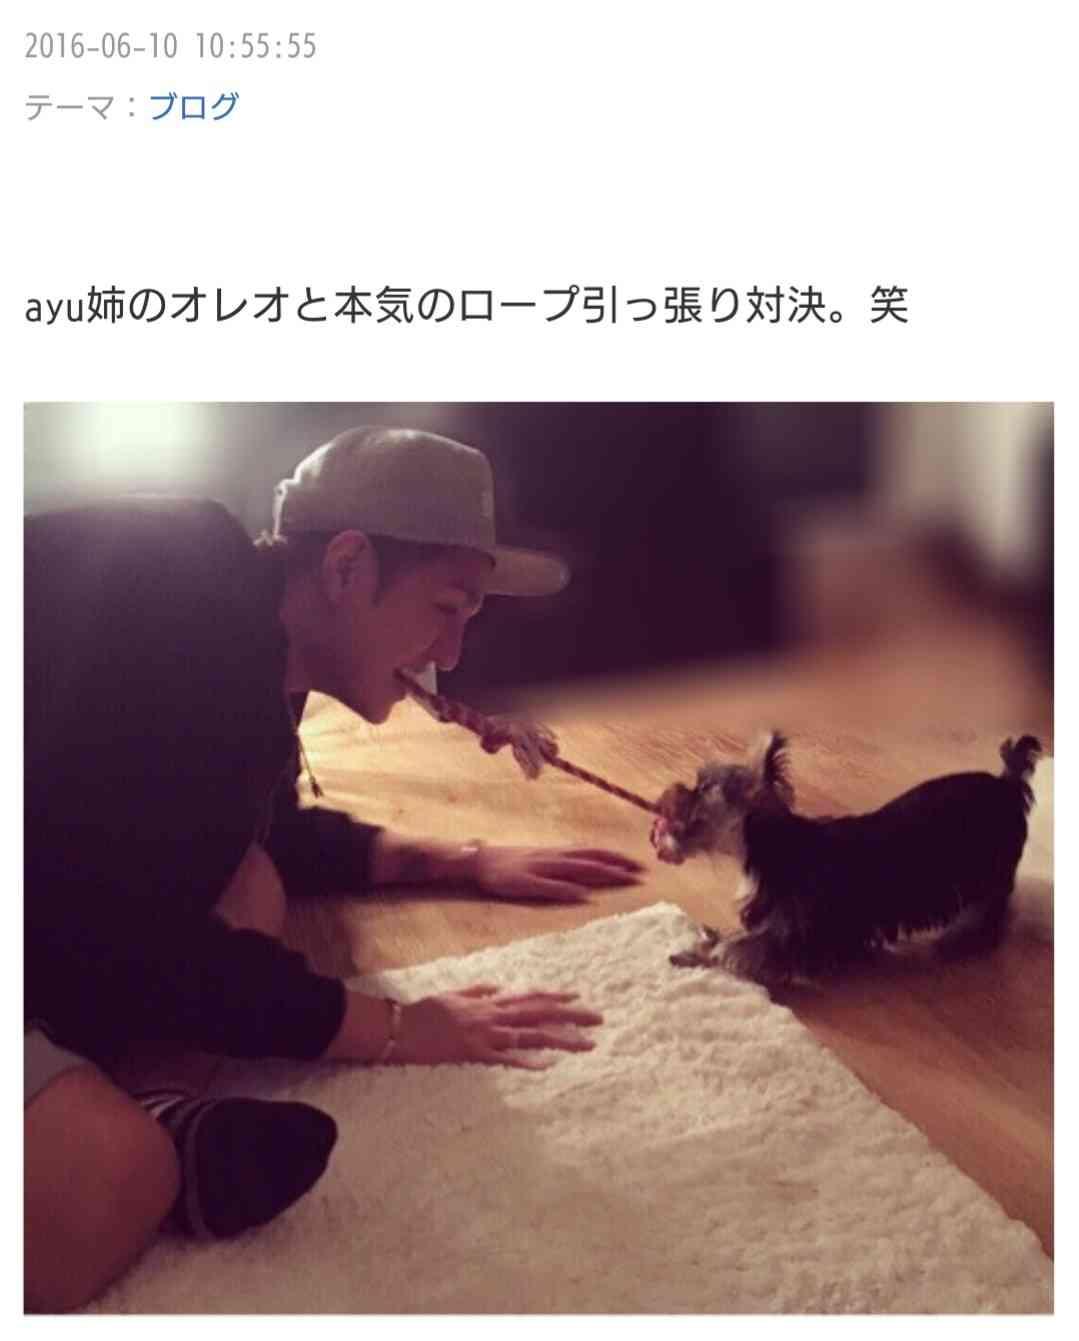 浜崎あゆみ「新宿2丁目がホーム」発言に住人がツッコミ